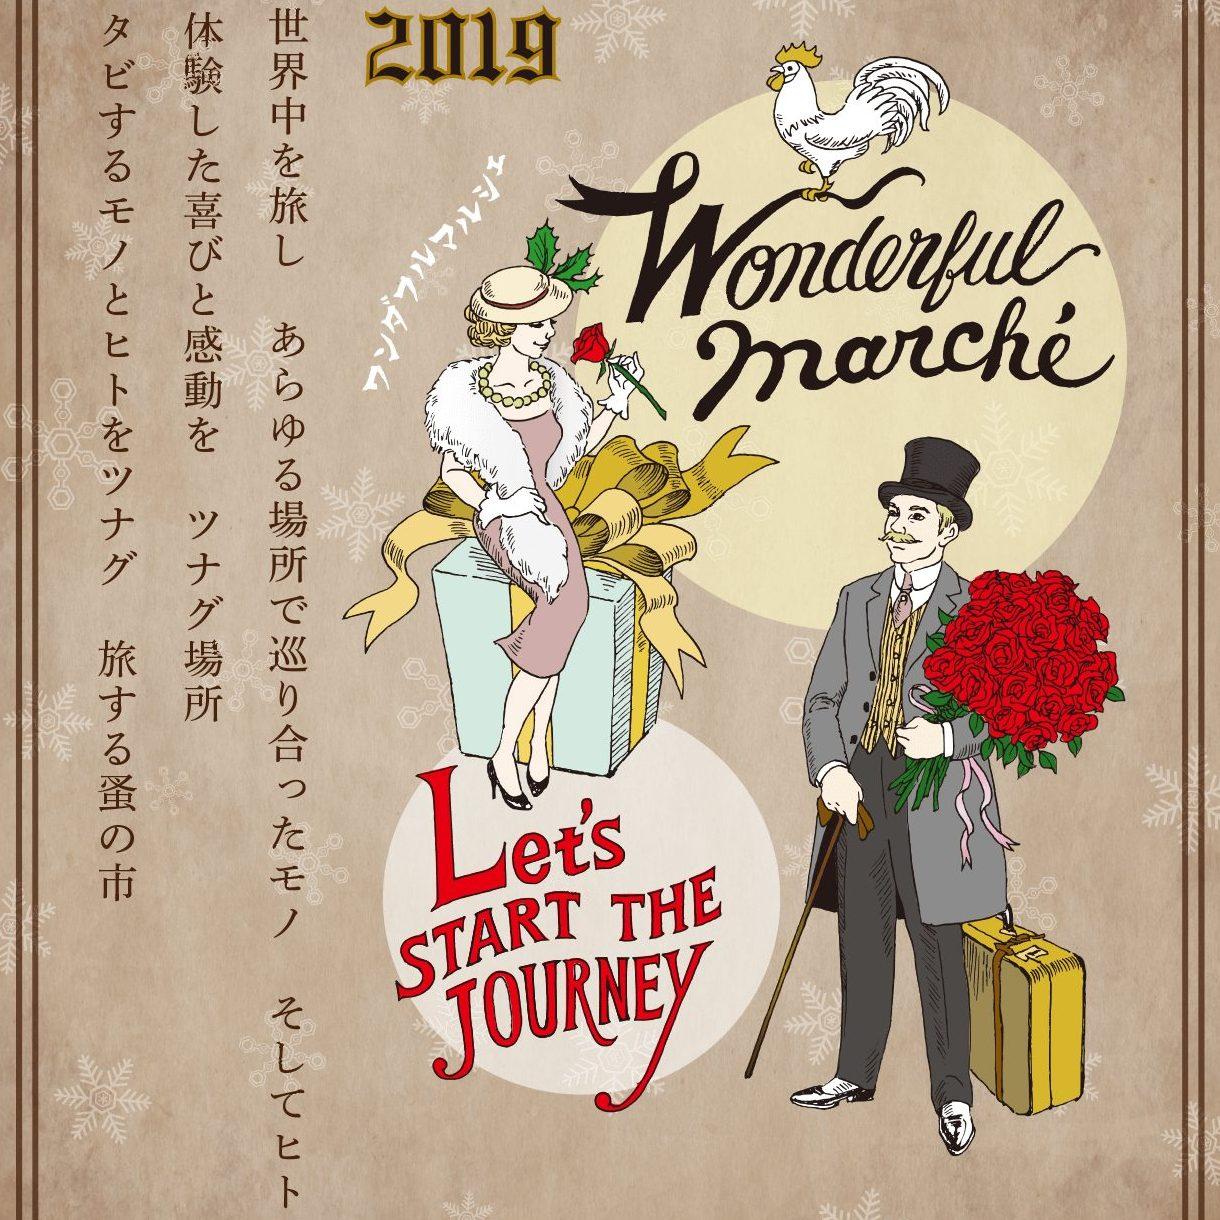 12月のmumokuteki マルシェは、伊勢丹「ワンダフルマルシェ」に出張します!